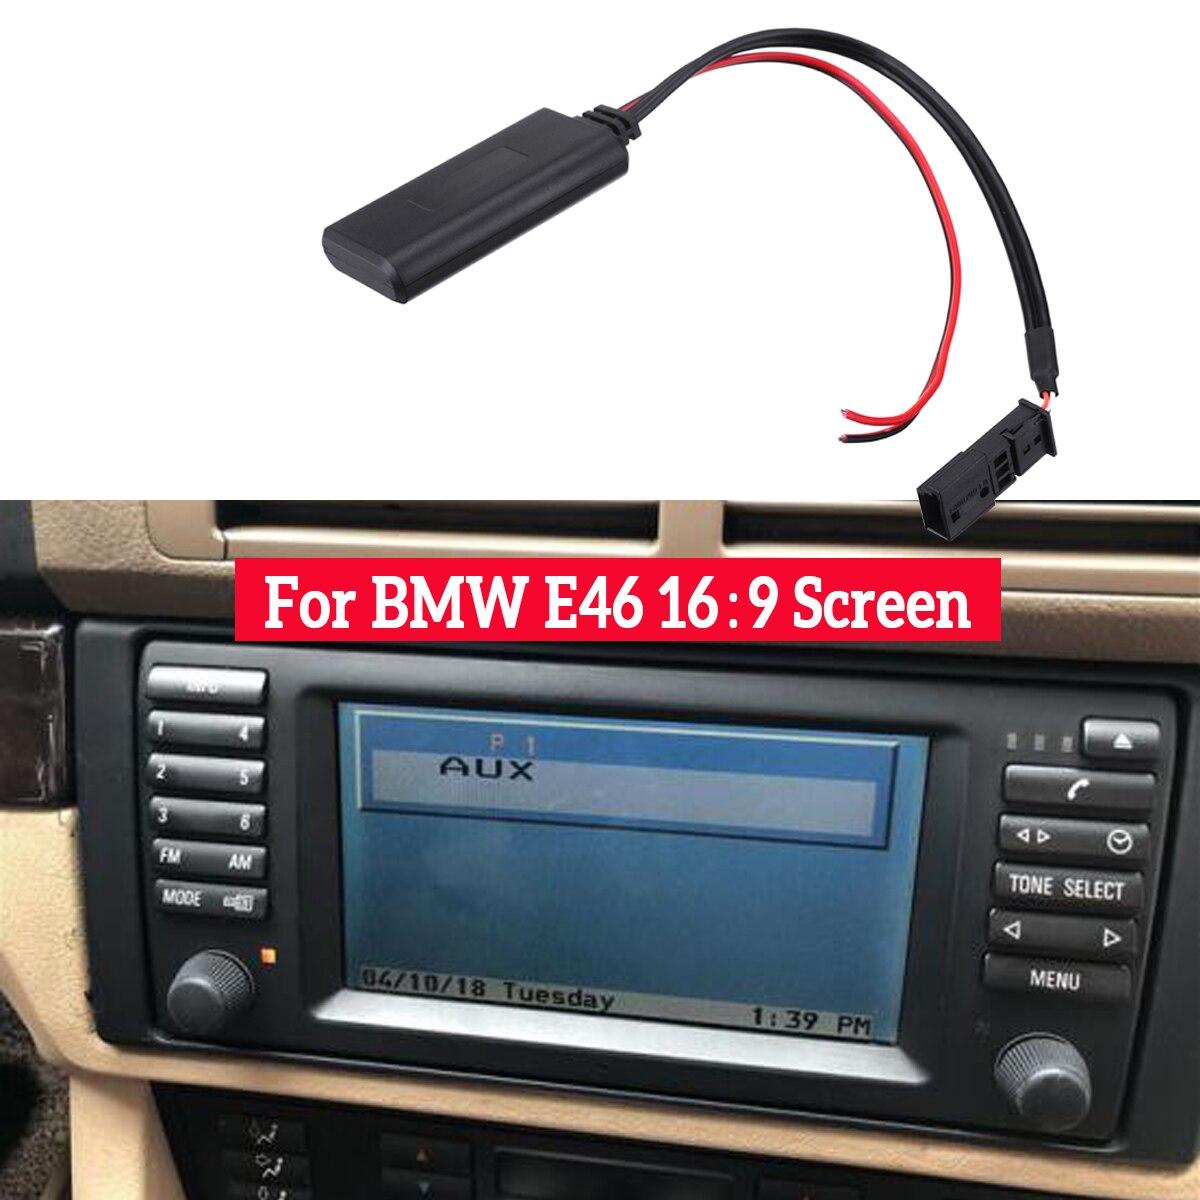 Автомобильный bluetooth модуль AUX в аудио Радио адаптер 3 контактный для BMW BM54 E39 E46 E38 E53 X5 аксессуары для автомобильной электроники|Автомобильный комплект Bluetooth|   | АлиЭкспресс